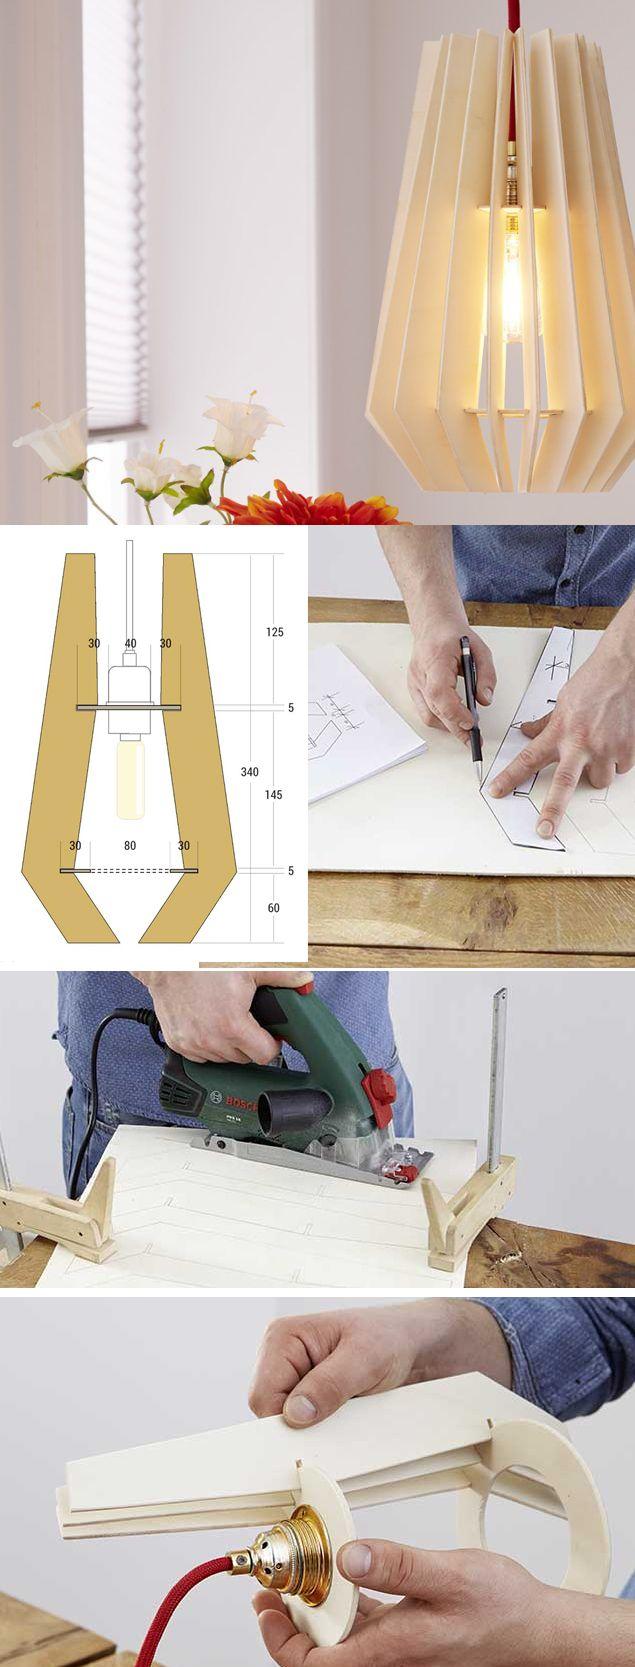 La Guida Per Costruire Una Lampada In Legno Faidate The Guide To